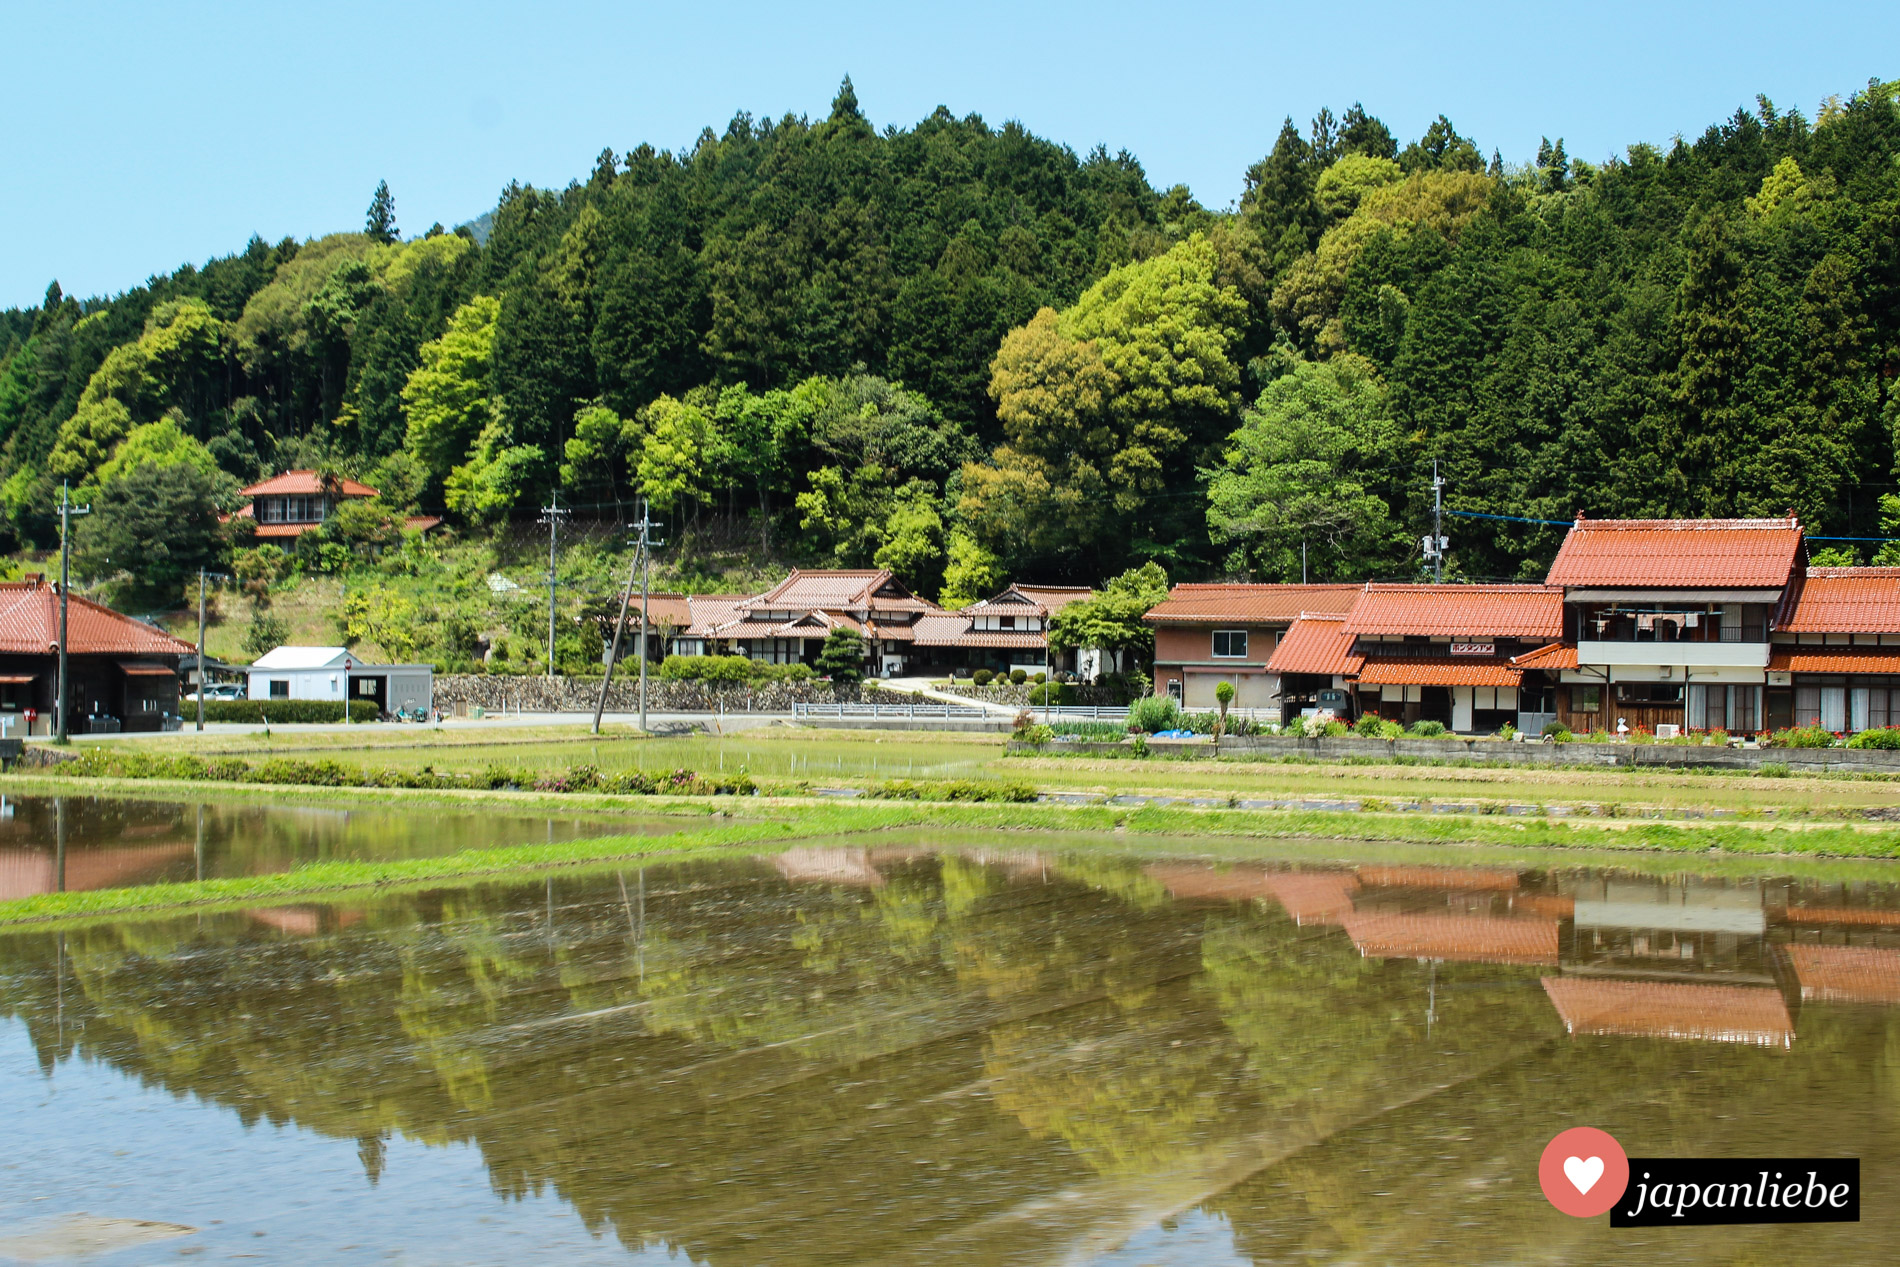 Die SL Yamaguchi durchquert die Präfektur Yamaguchi mit ihren grünen Reisfeldern und Bambushainen.